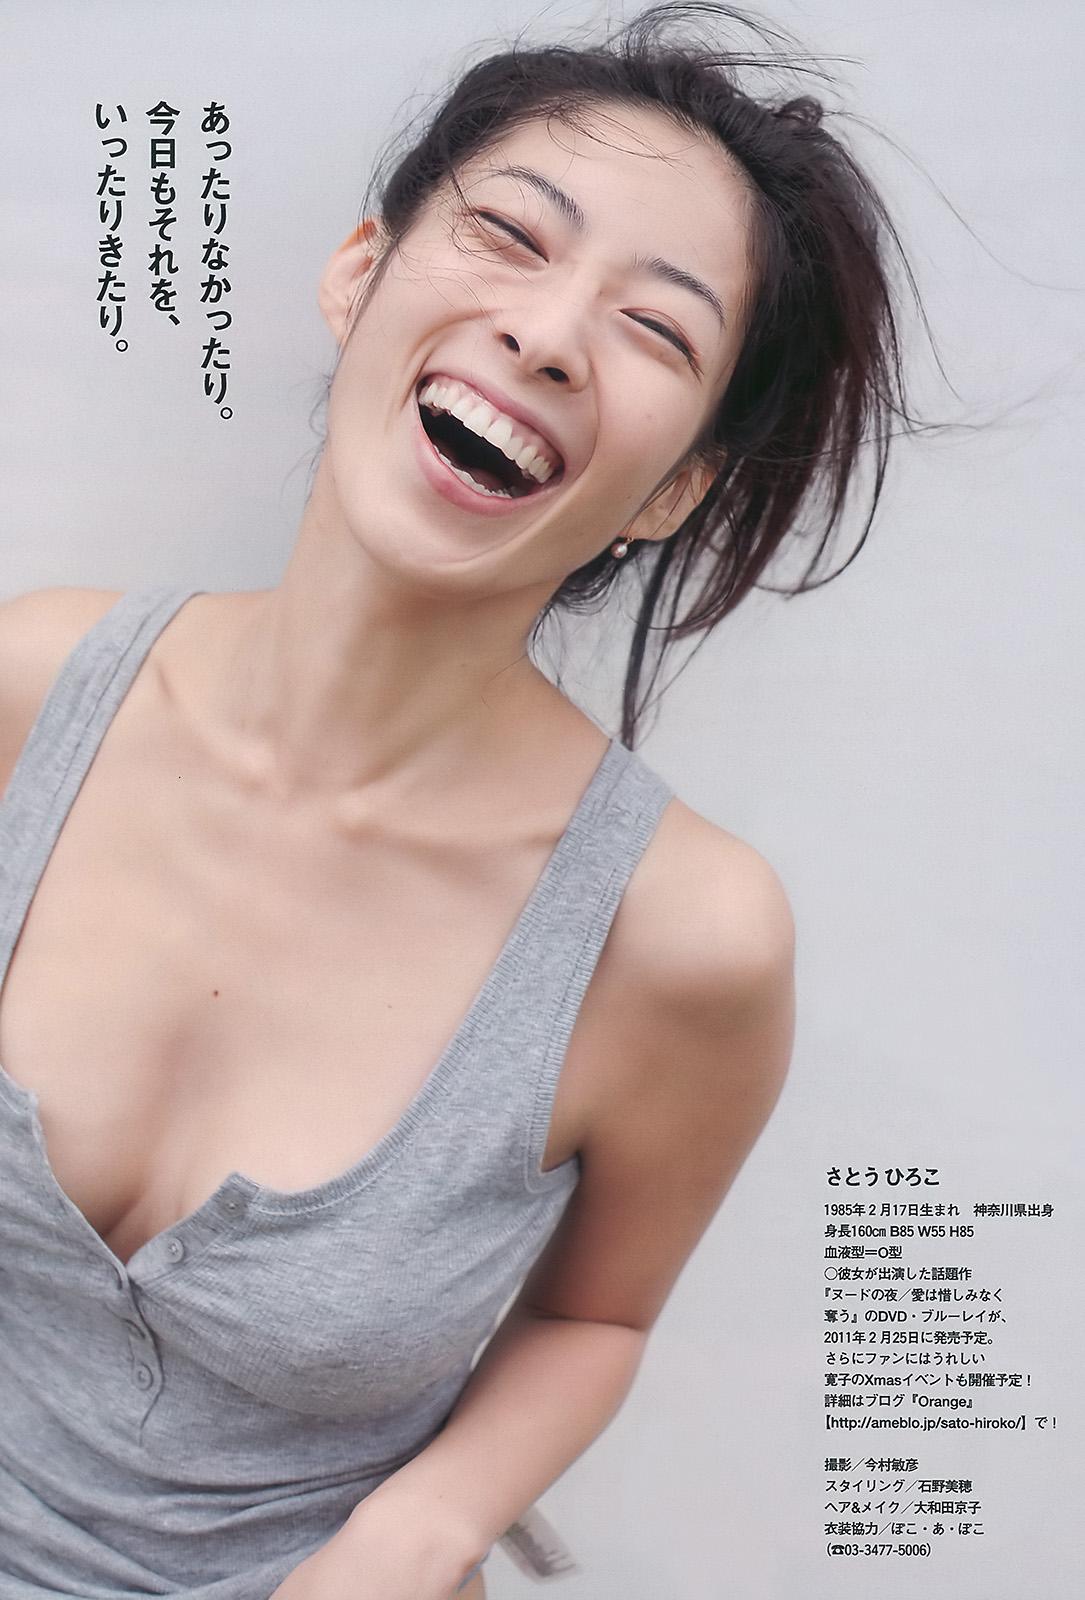 Nozomi Sasaki Cute | Foto Bugil 2017